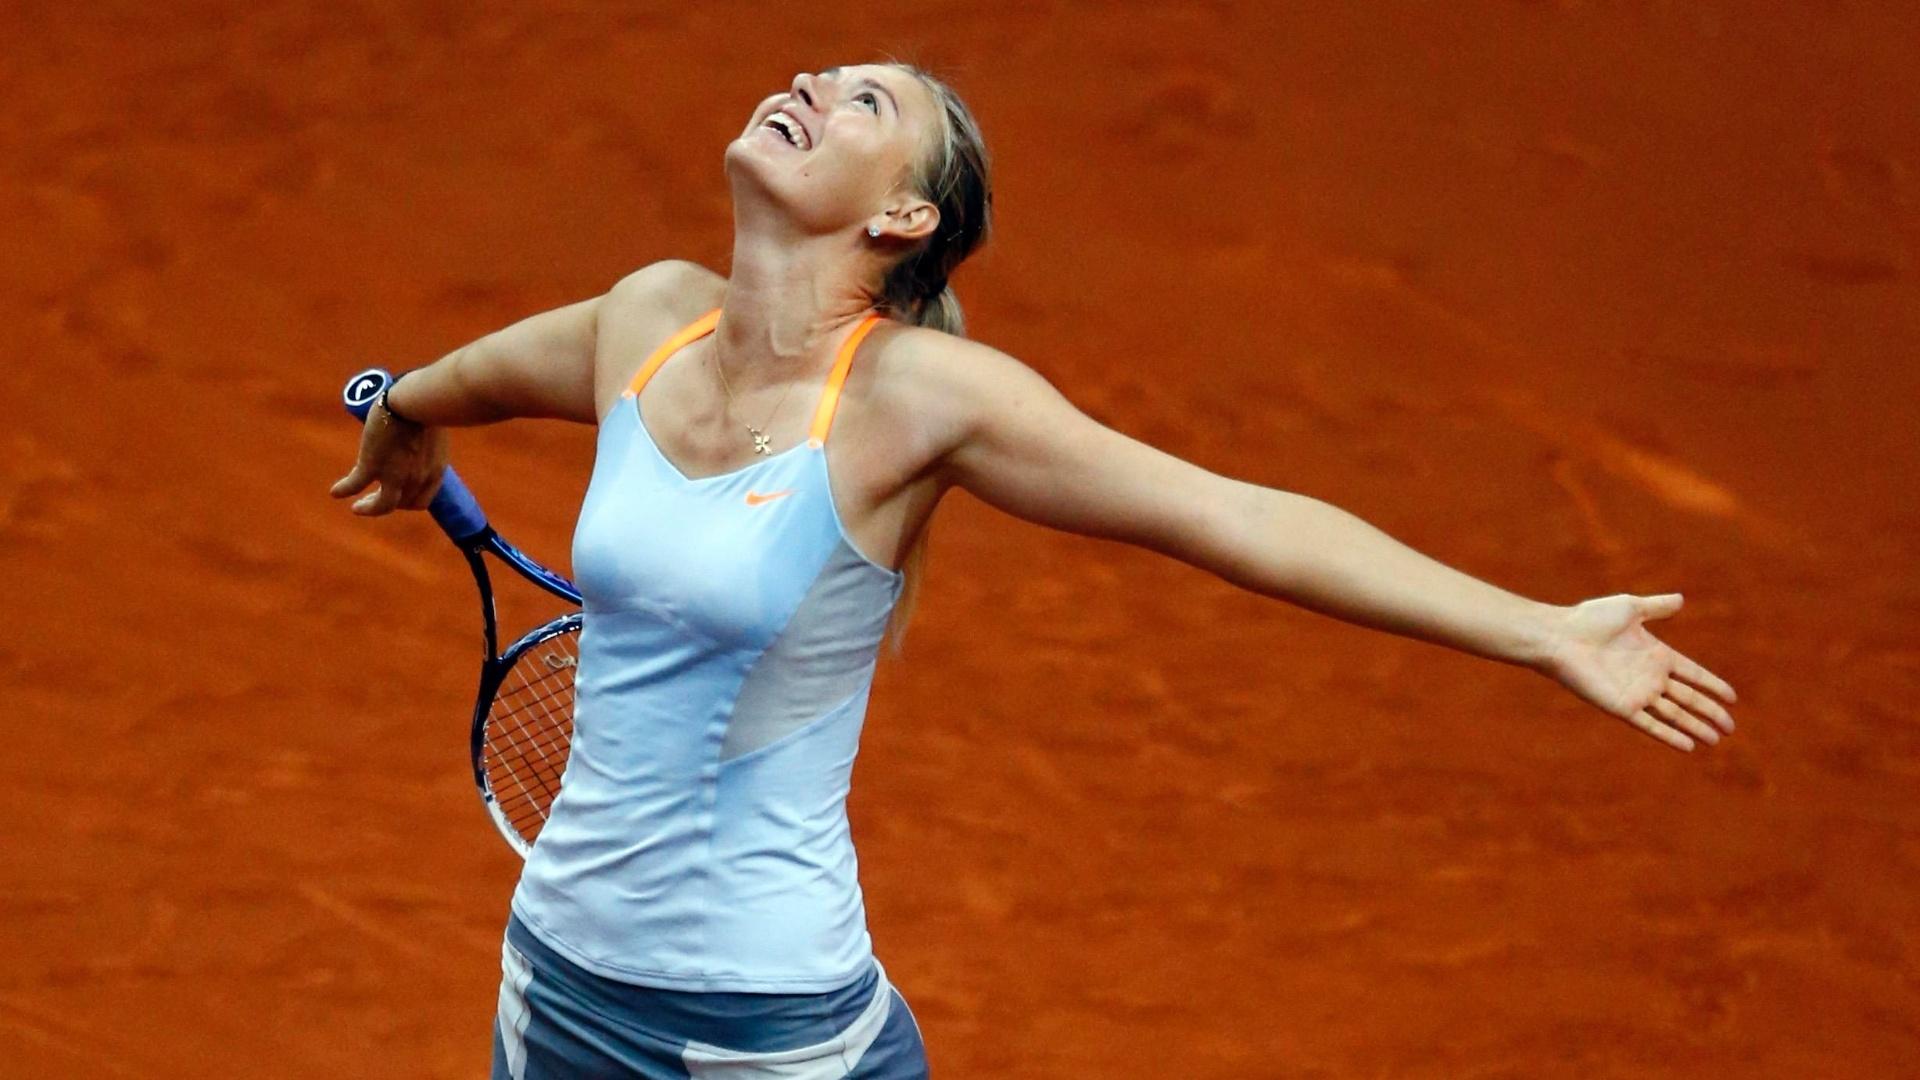 28.abr.2013 - Sharapova comemora após vencer a chinesa Na Li por dois sets a 0 e se sagrar campeã do Torneio de Stuttgart, na Alemanha